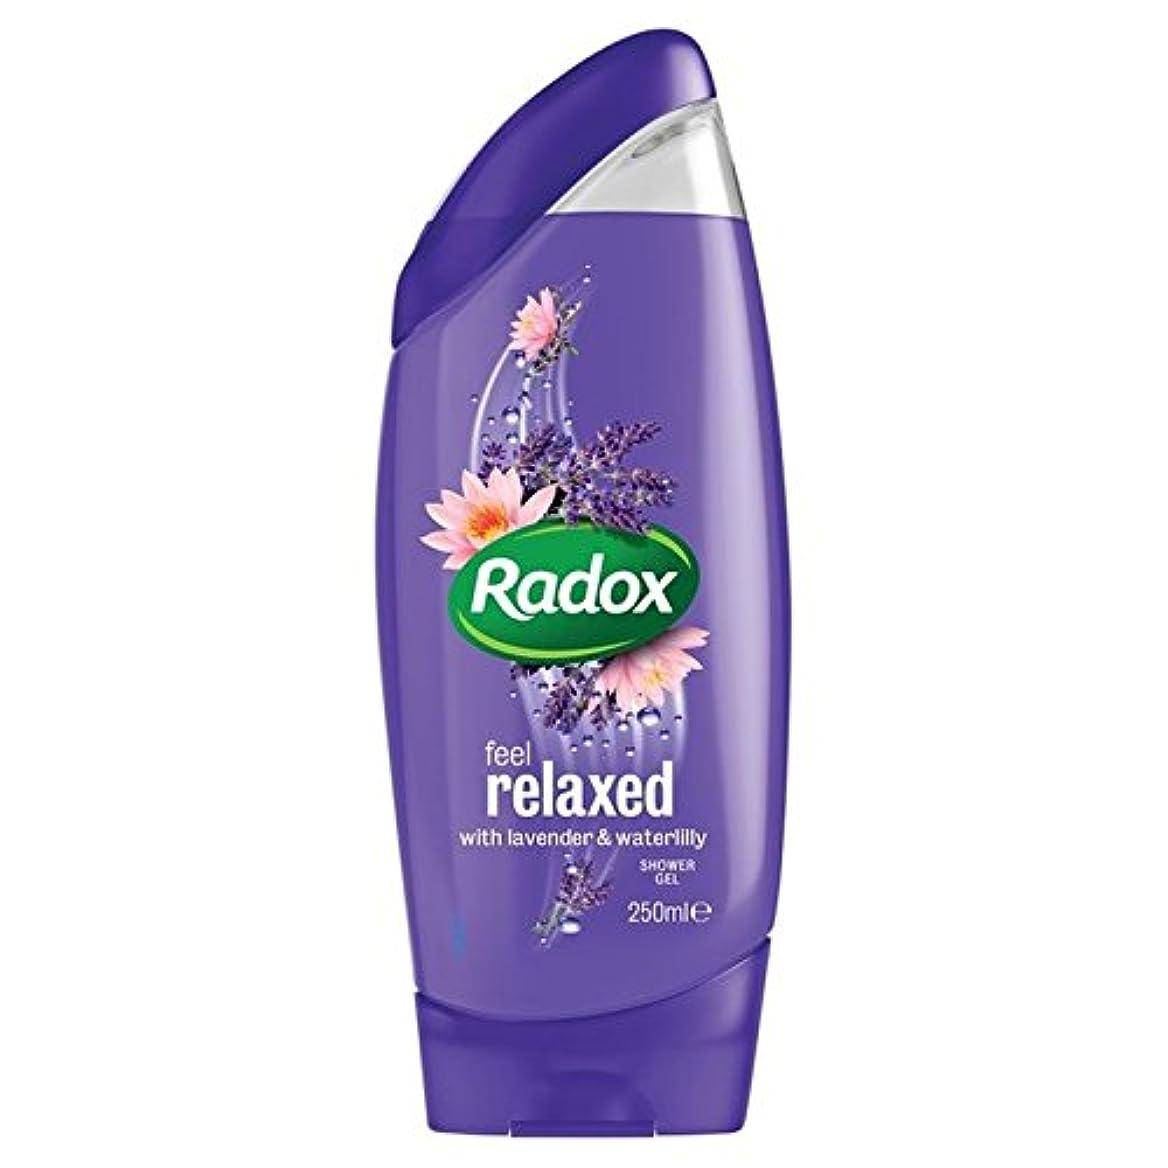 仕様のど預言者はリラックスシャワージェル250ミリリットルを感じます x2 - Radox Feel Relaxed Shower Gel 250ml (Pack of 2) [並行輸入品]